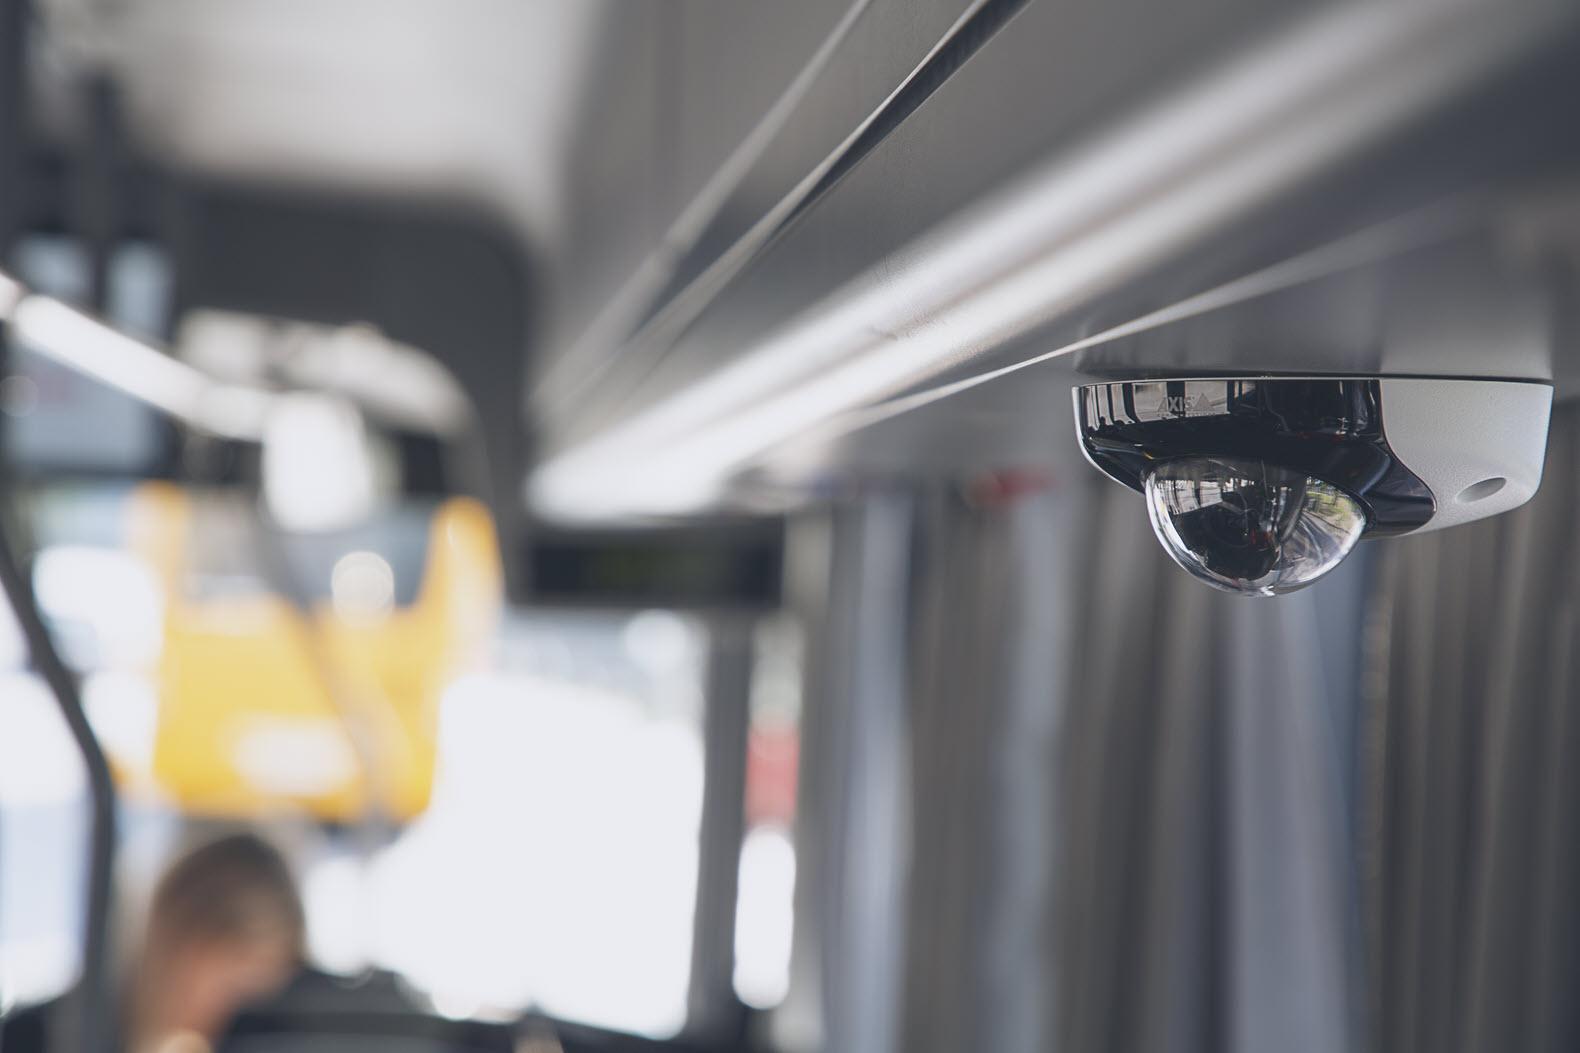 Axis präsentiert neue Generation an Onboard-Kameras